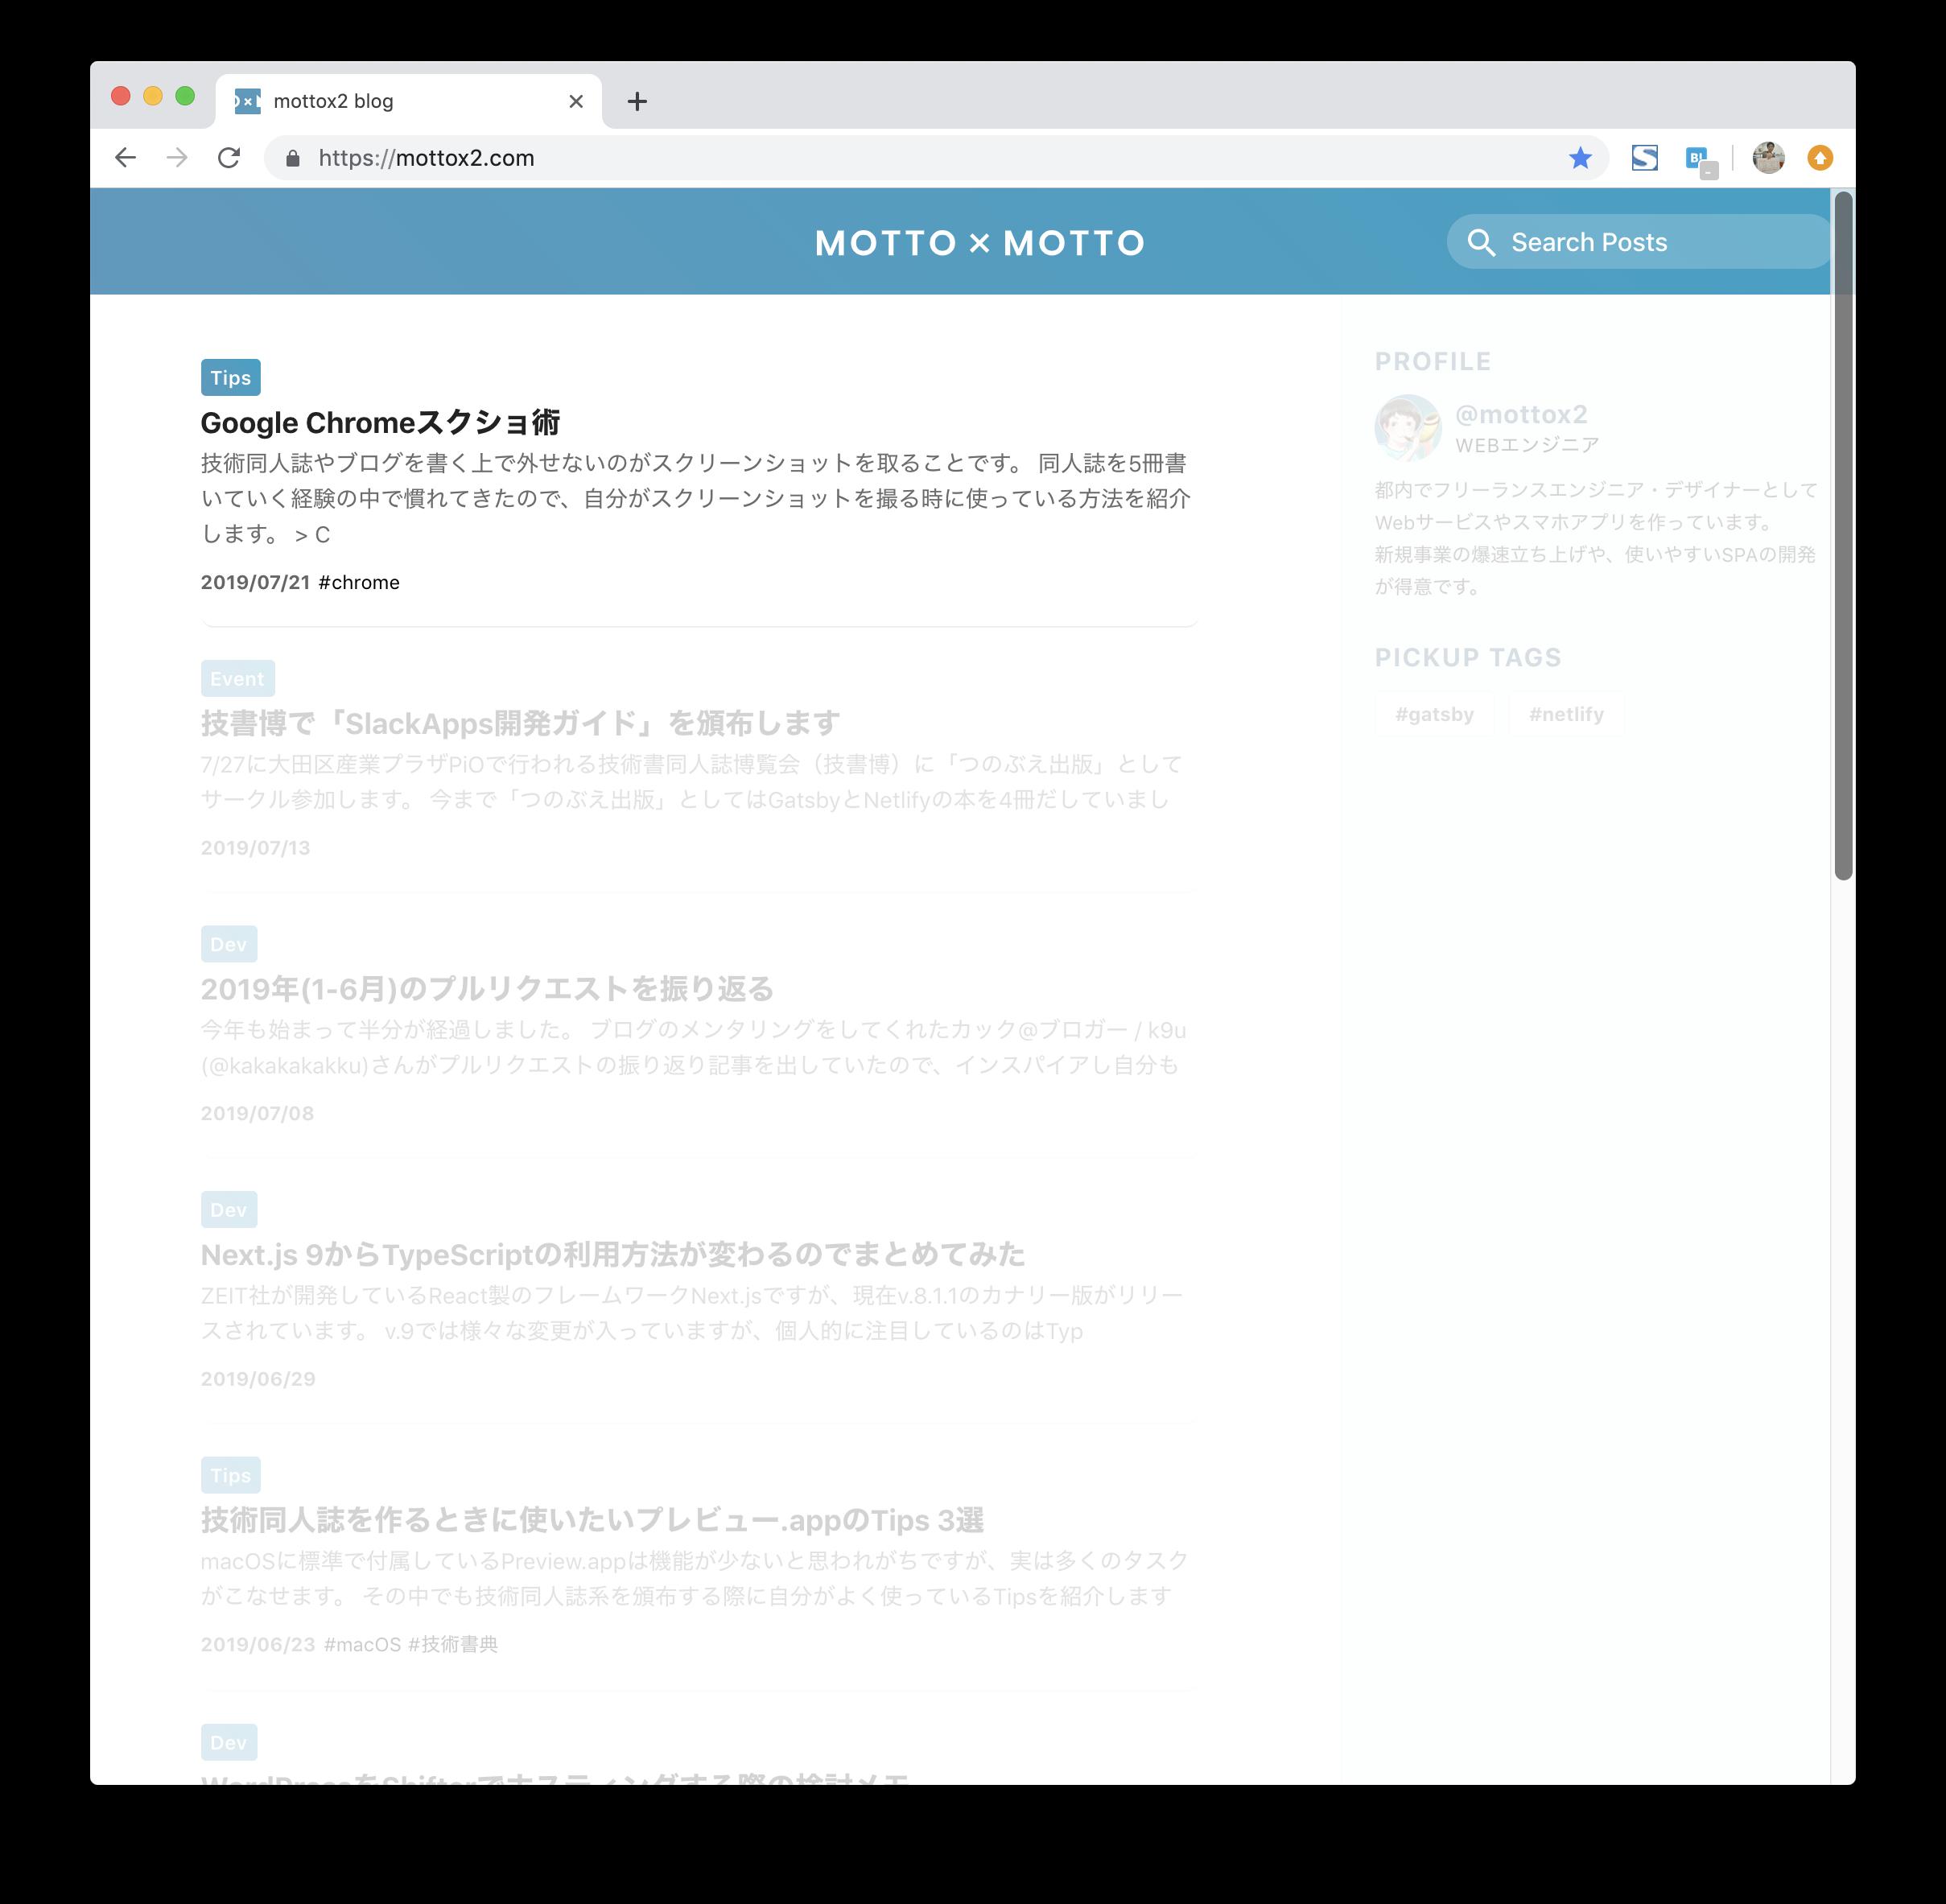 スクリーンショット 2019-07-22 9.50.54.png (1.1 MB)